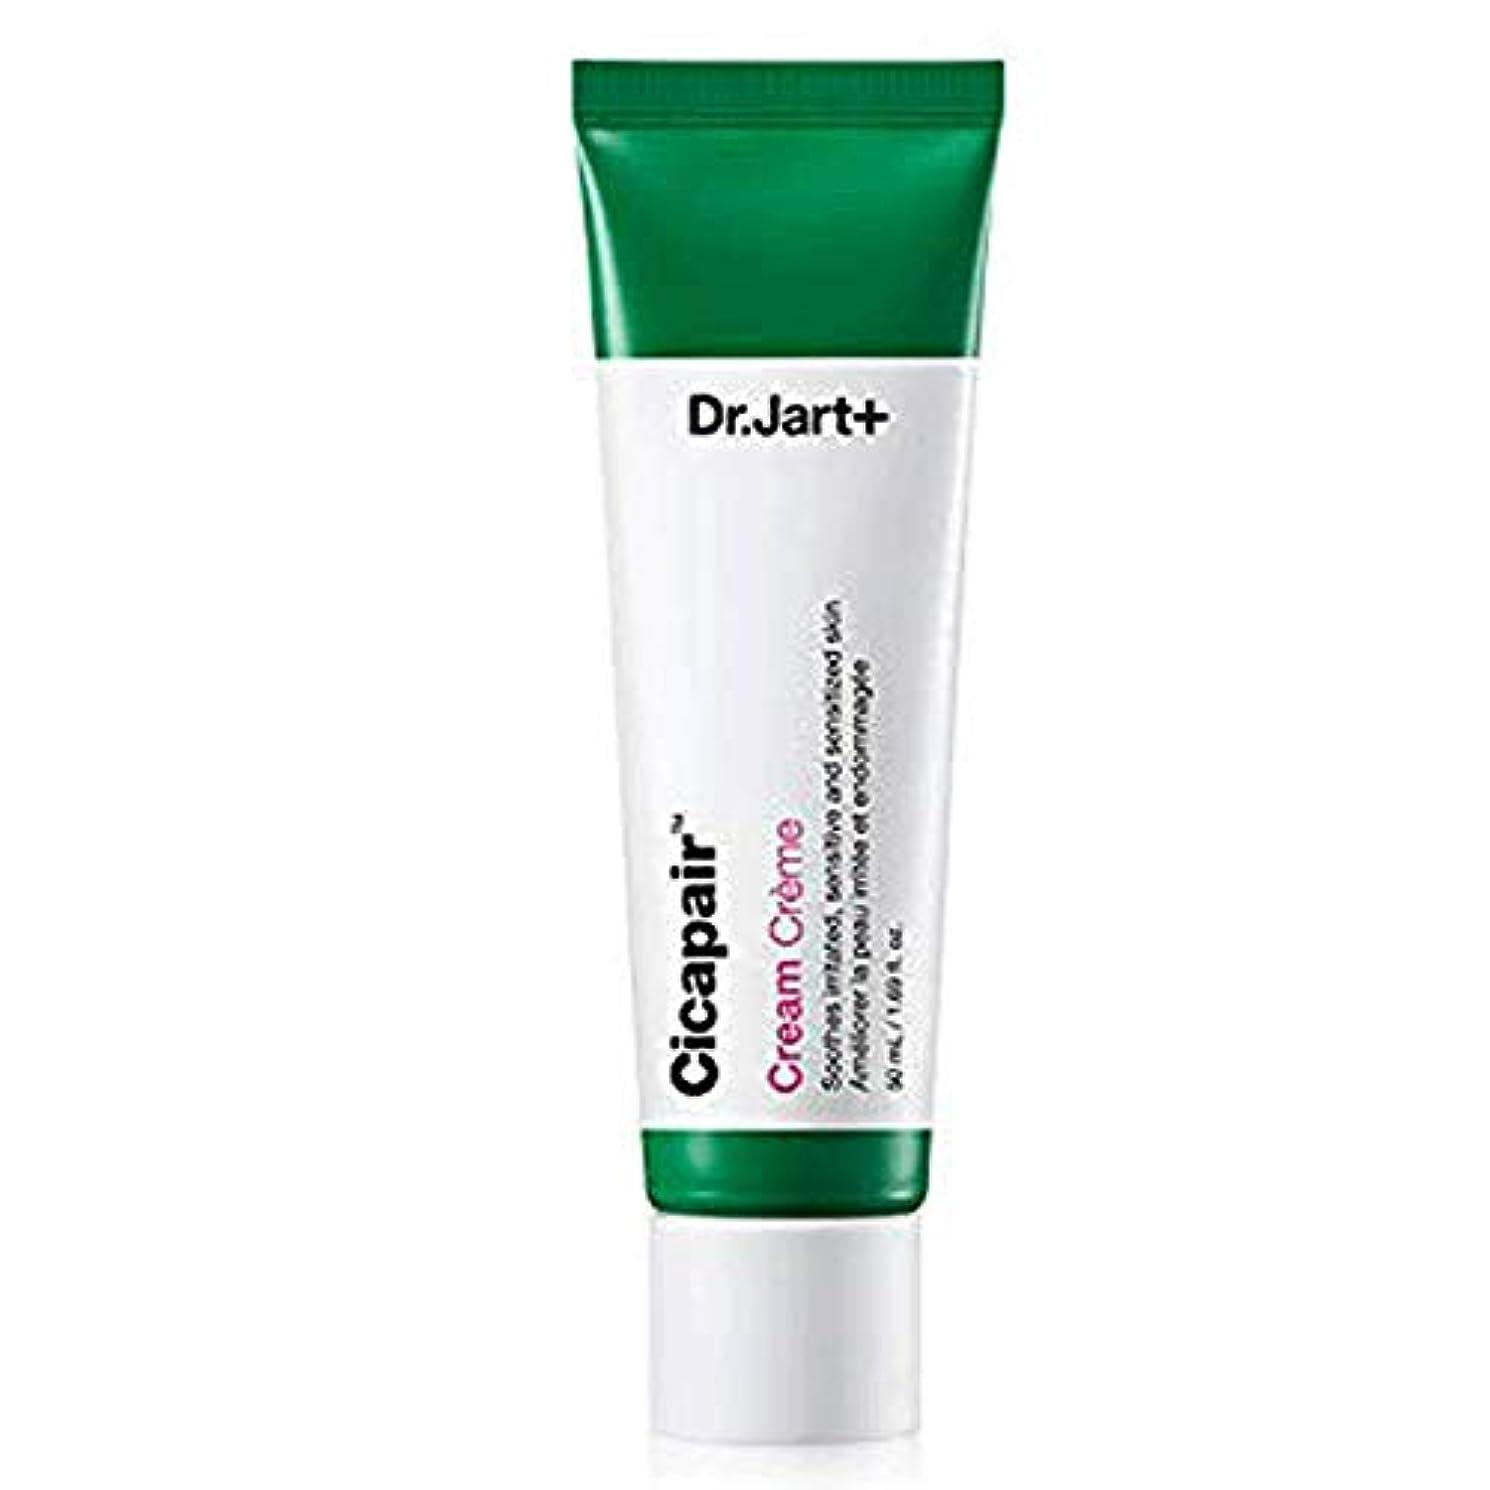 シャンプーコモランマ一過性Dr.Jart+ Cicapair Cream 50ml ドクタージャルト シカ ペア クリーム 50ml(2代目) [並行輸入品]